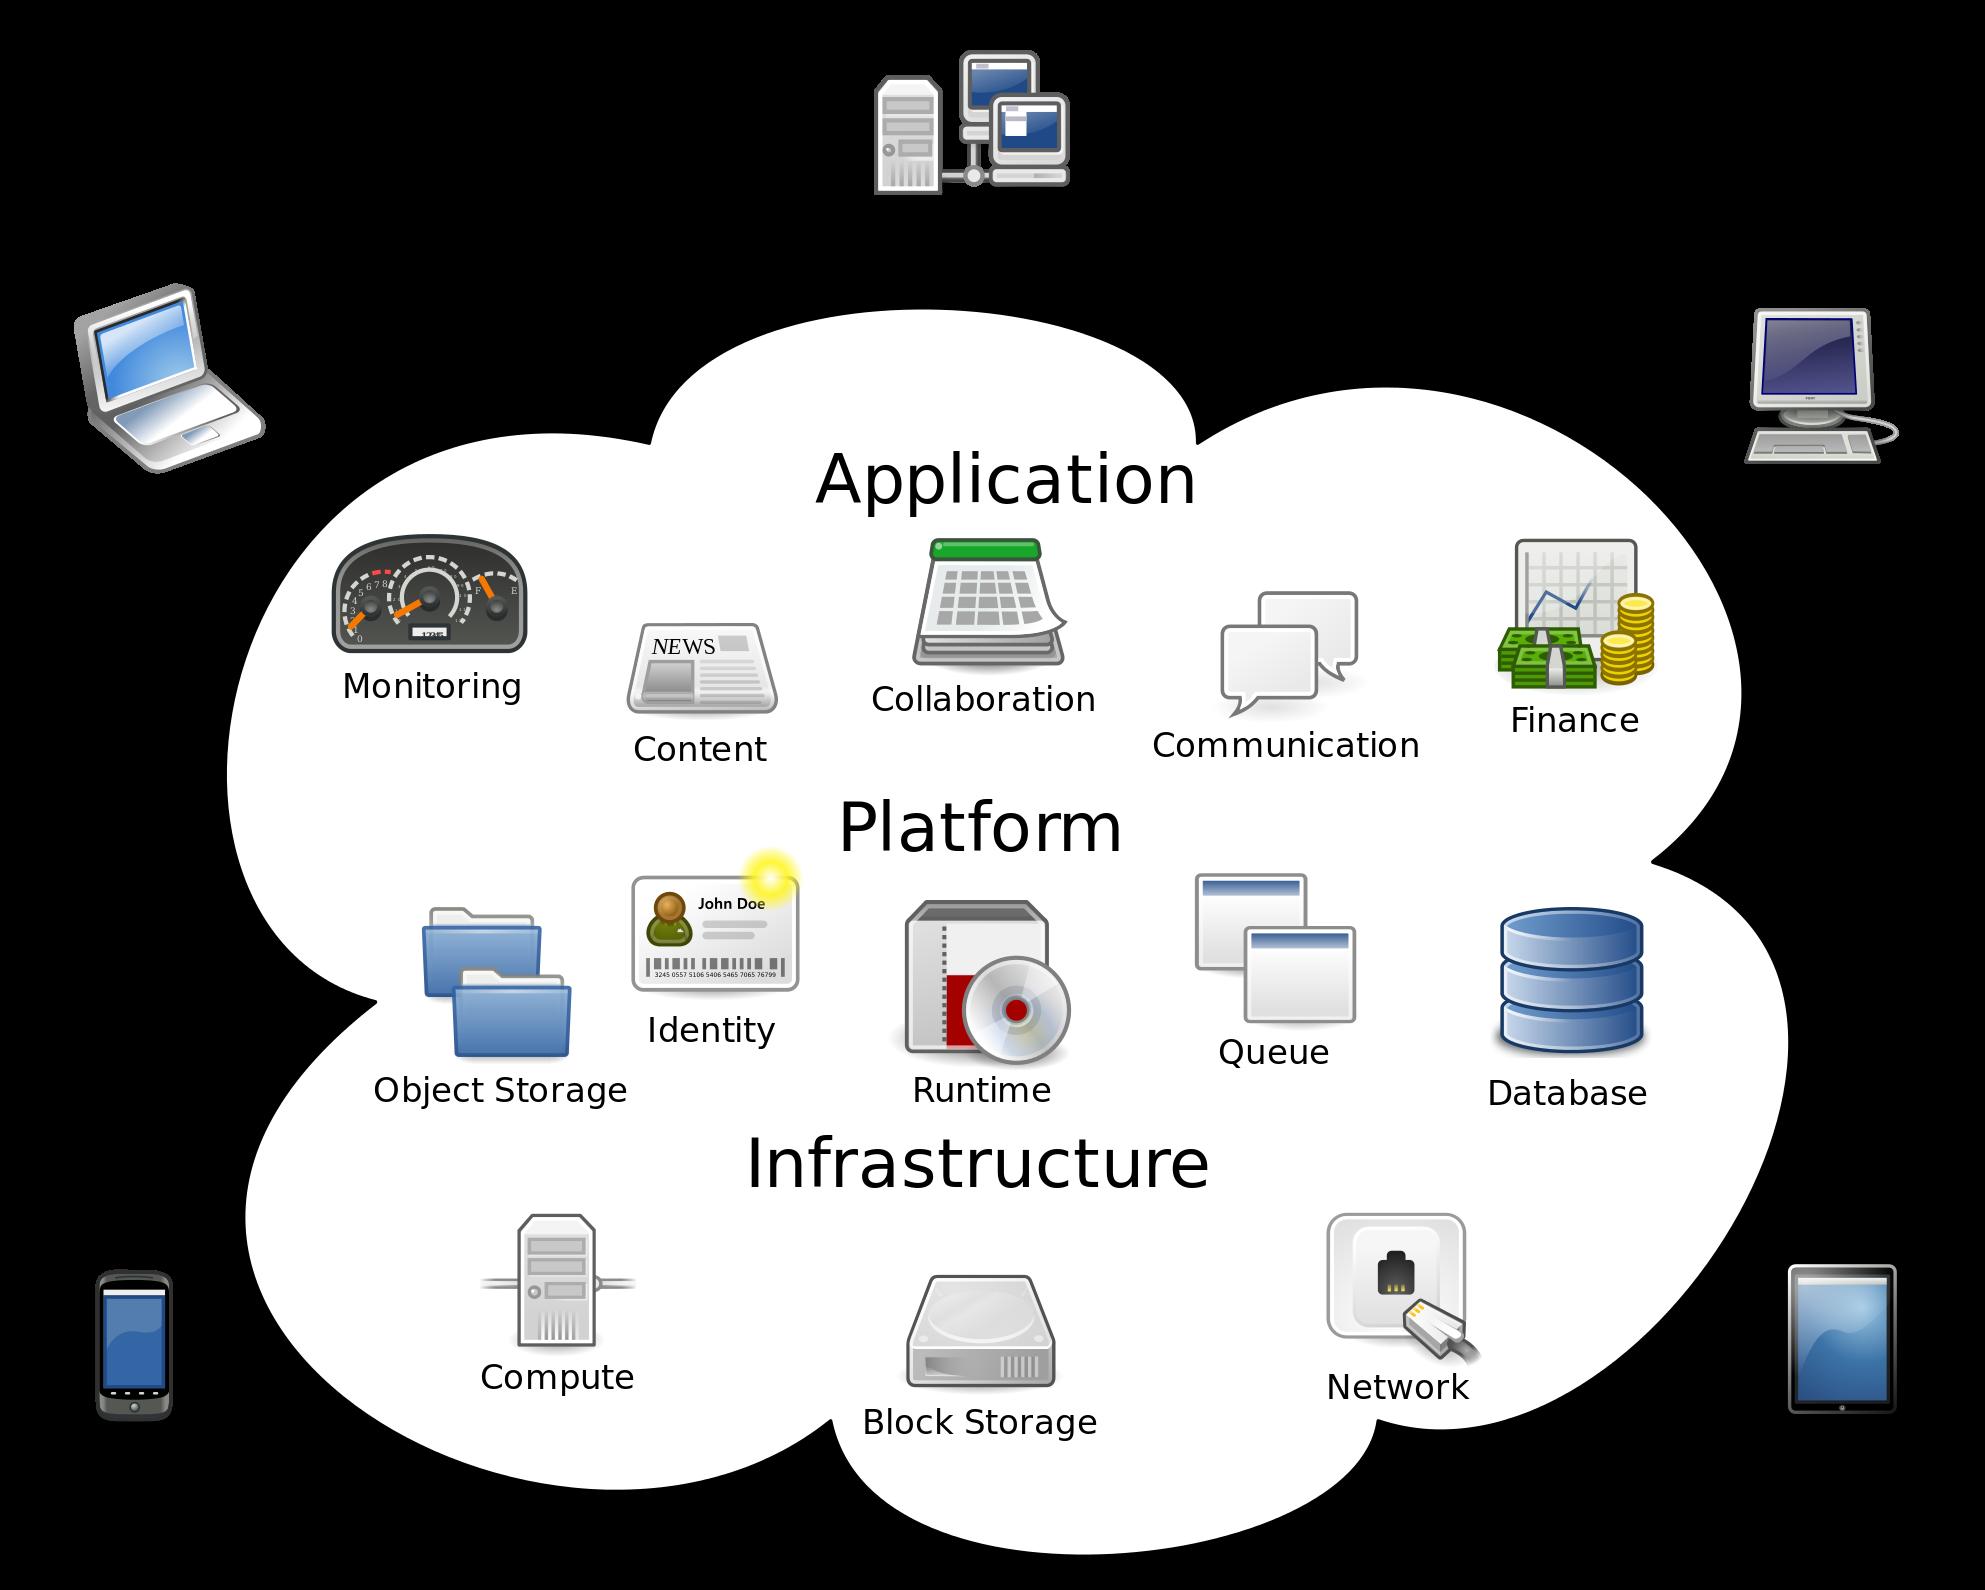 Enterprise Web Apps